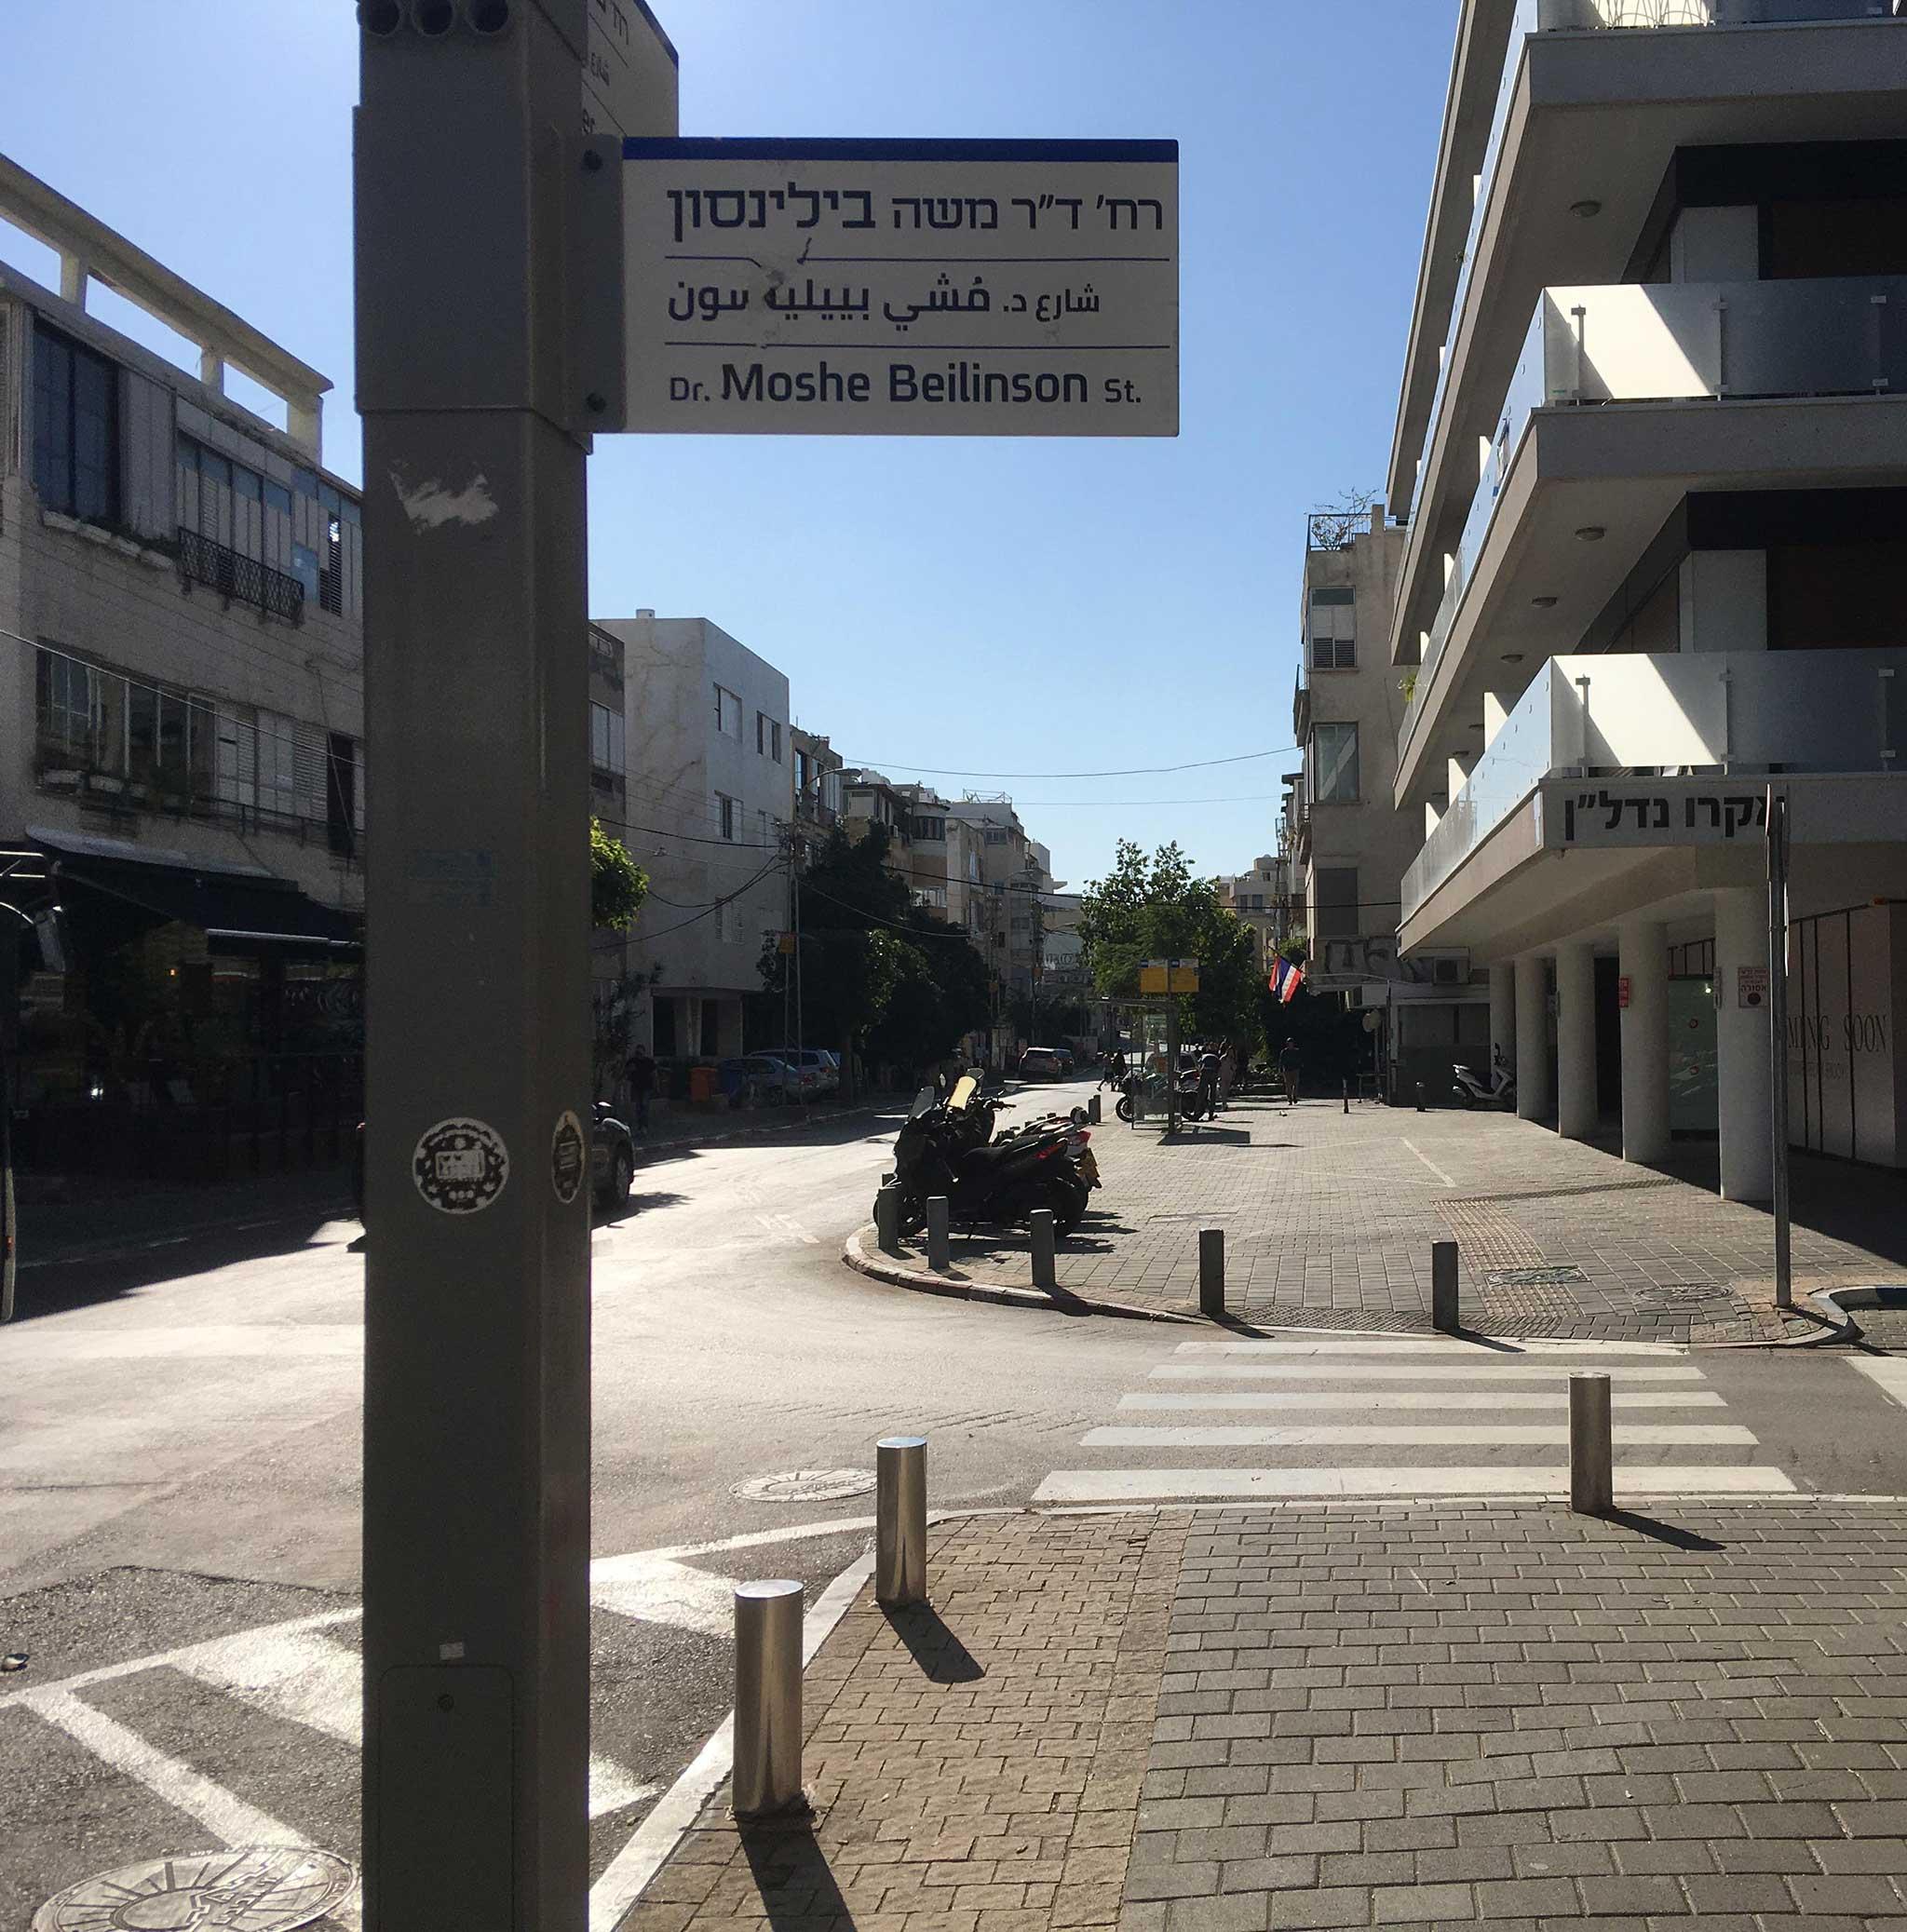 To Ohel Theatre on Tel Aviv audio tour The White City